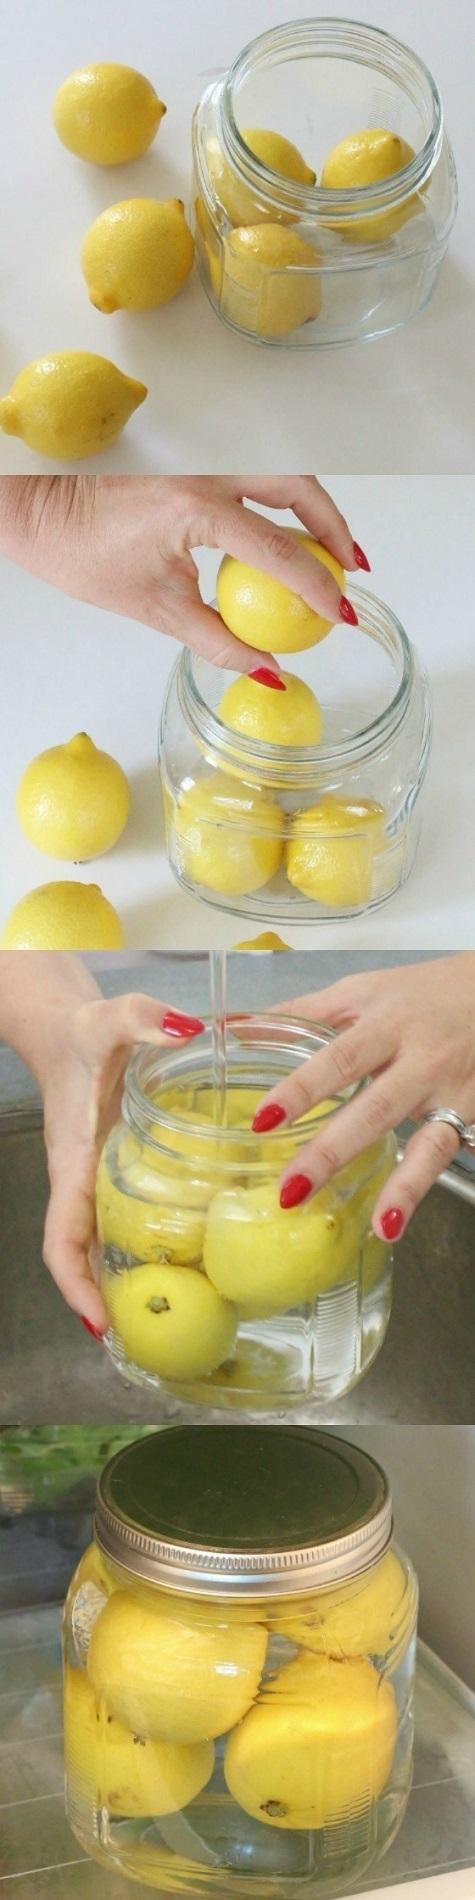 limonu bozulmadan saklamak